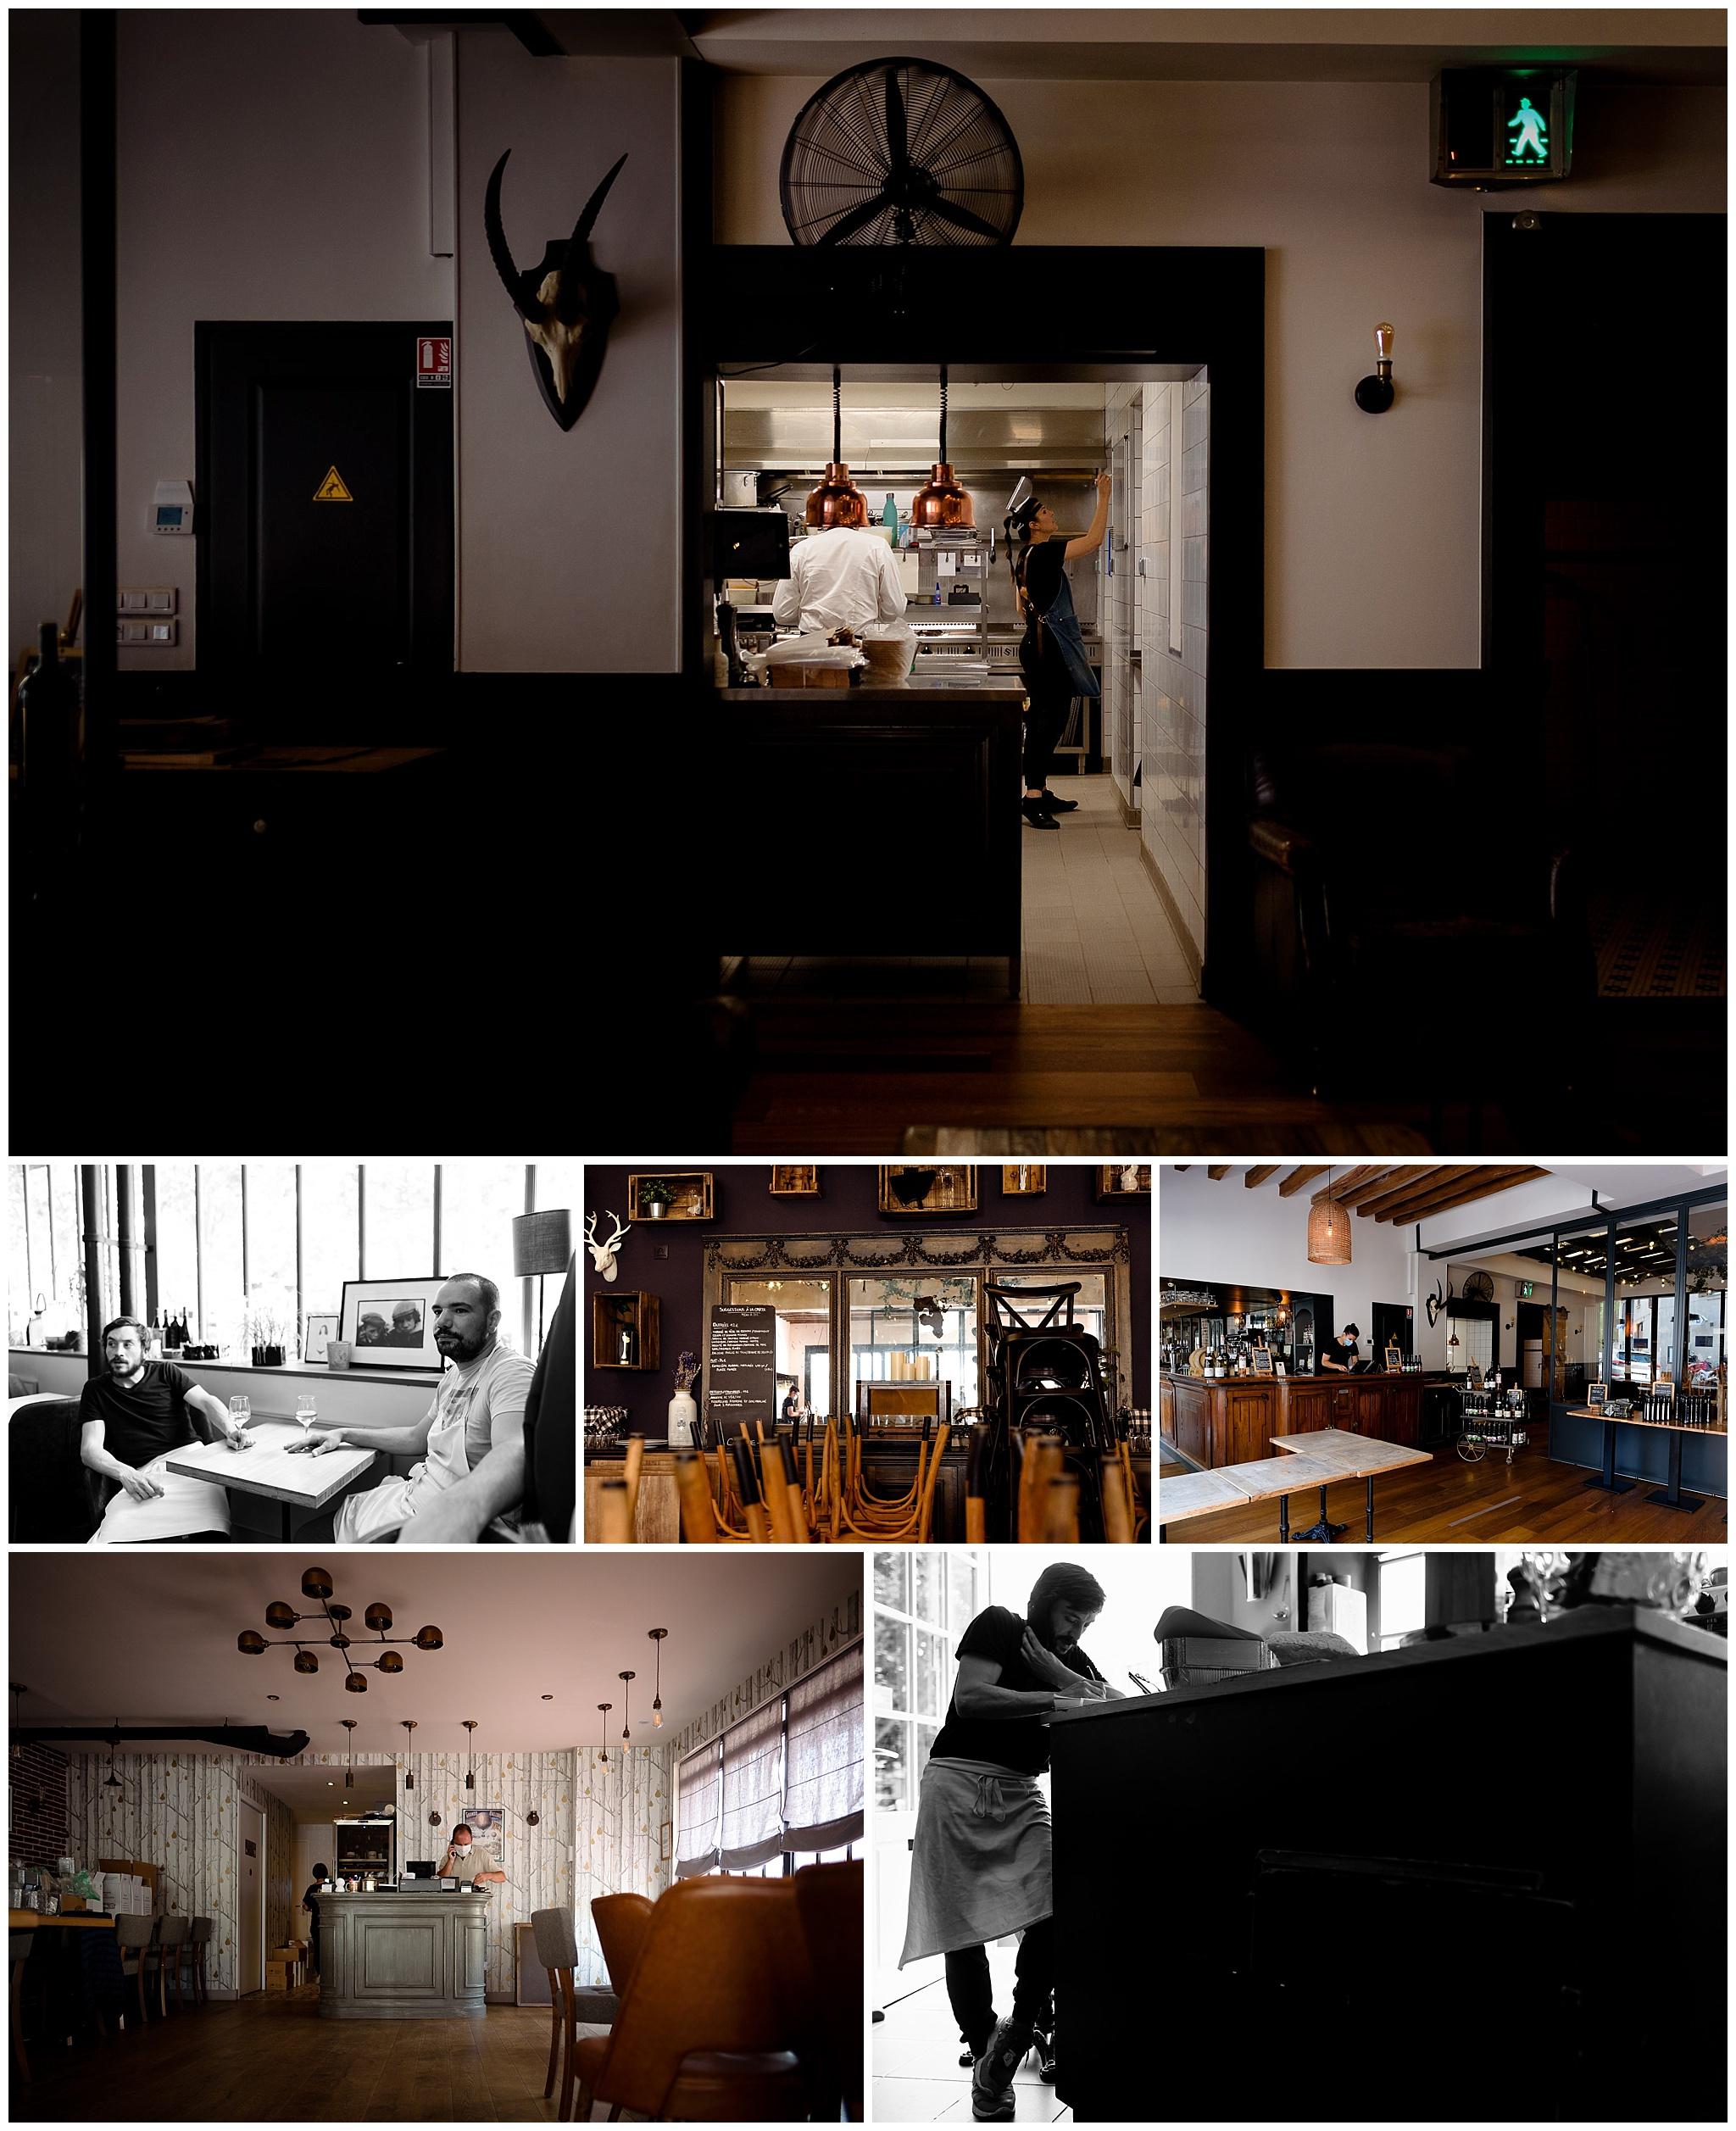 Restaurant confinement cuisine goût 78 92 75 Paris Yvelines chefs plats à emporter Sandrine Siryani  Cabane bel ami enfants de coeur Ballon voyageur Tables d'Augustin